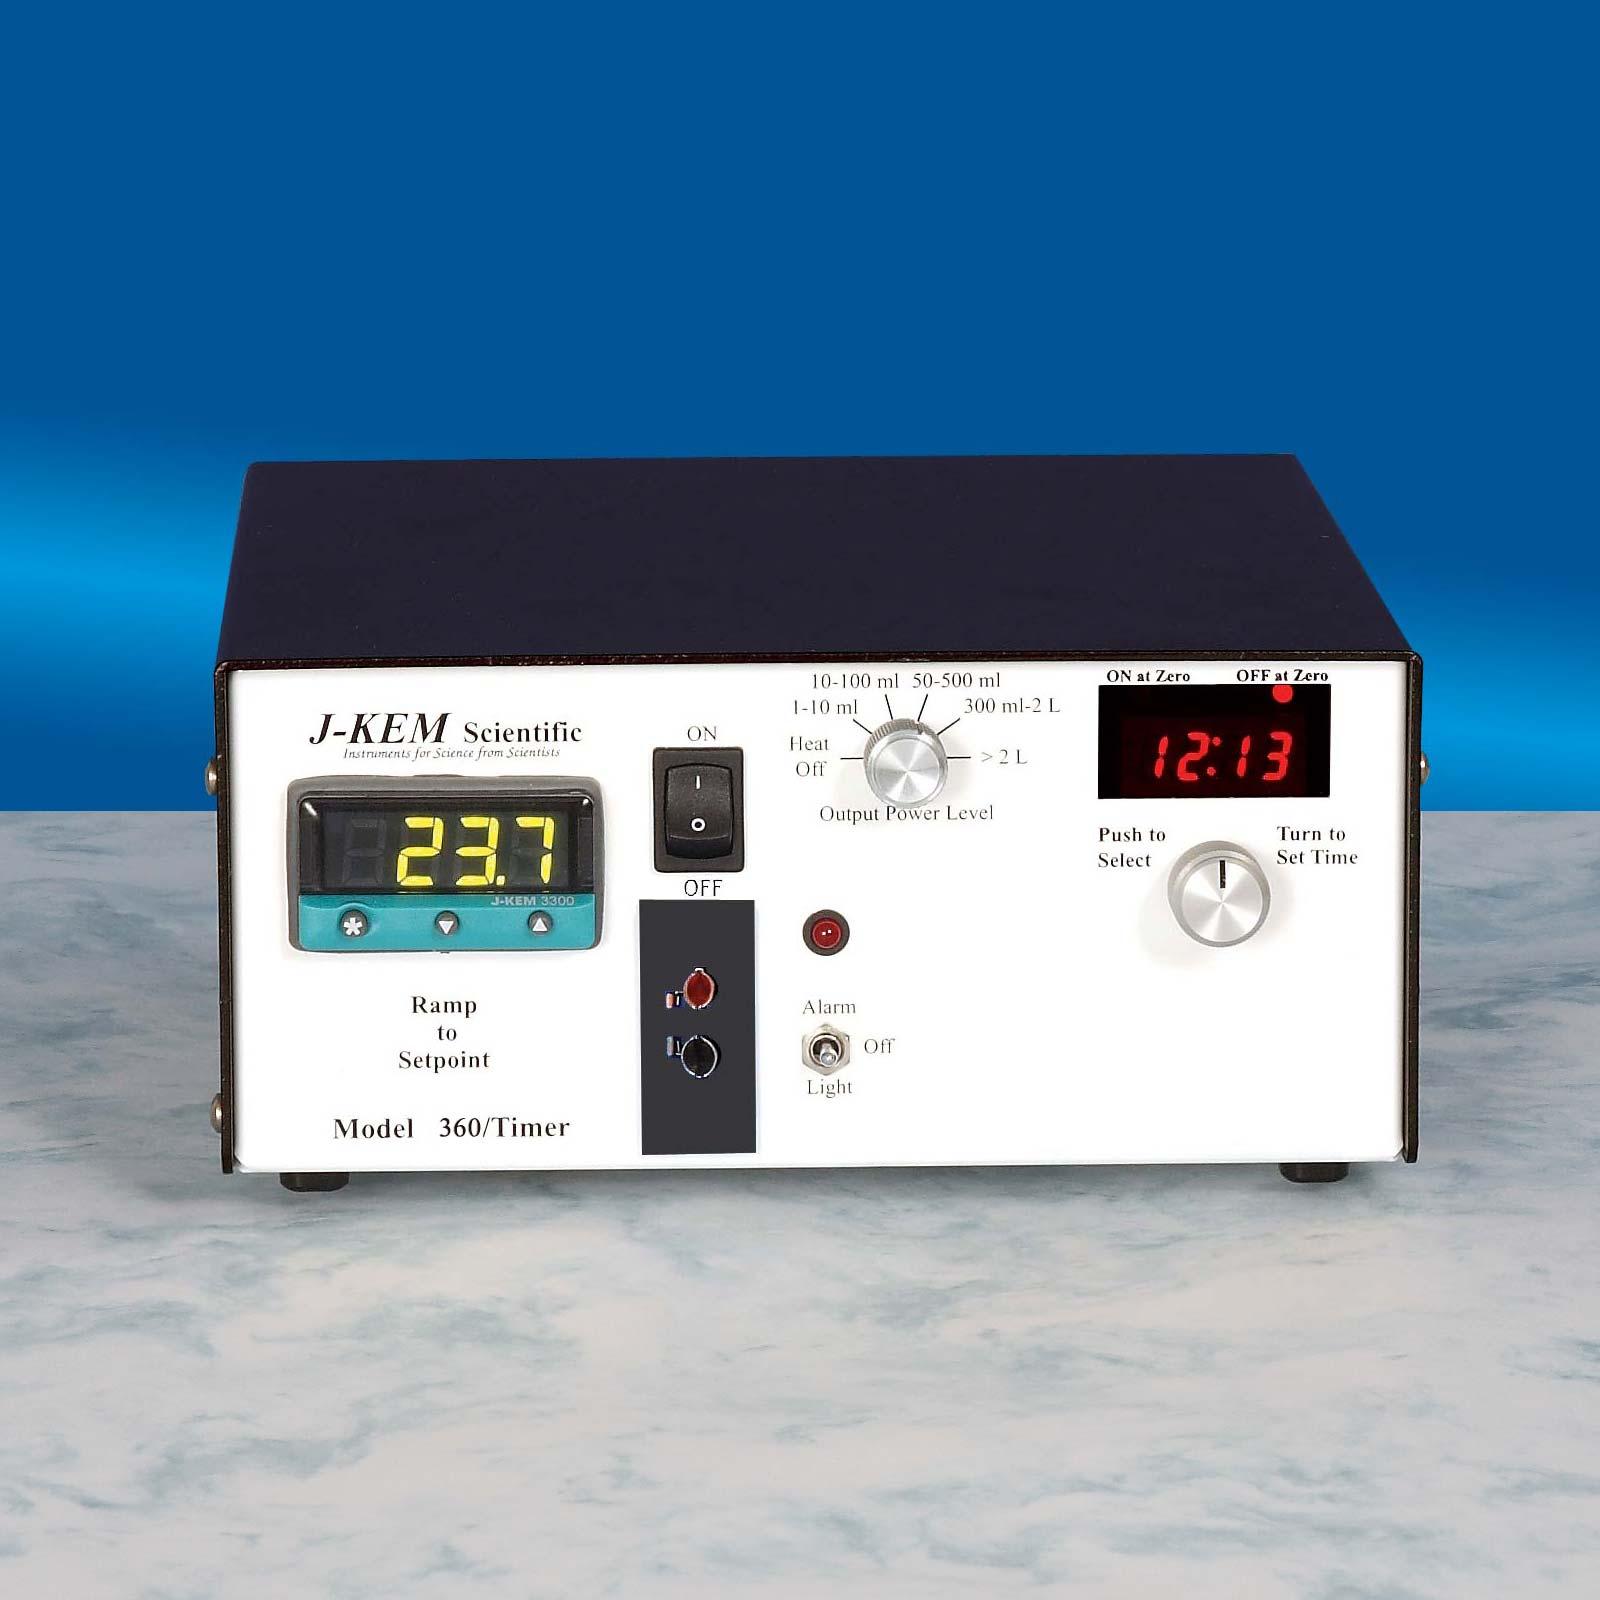 Model 360/Timer-J